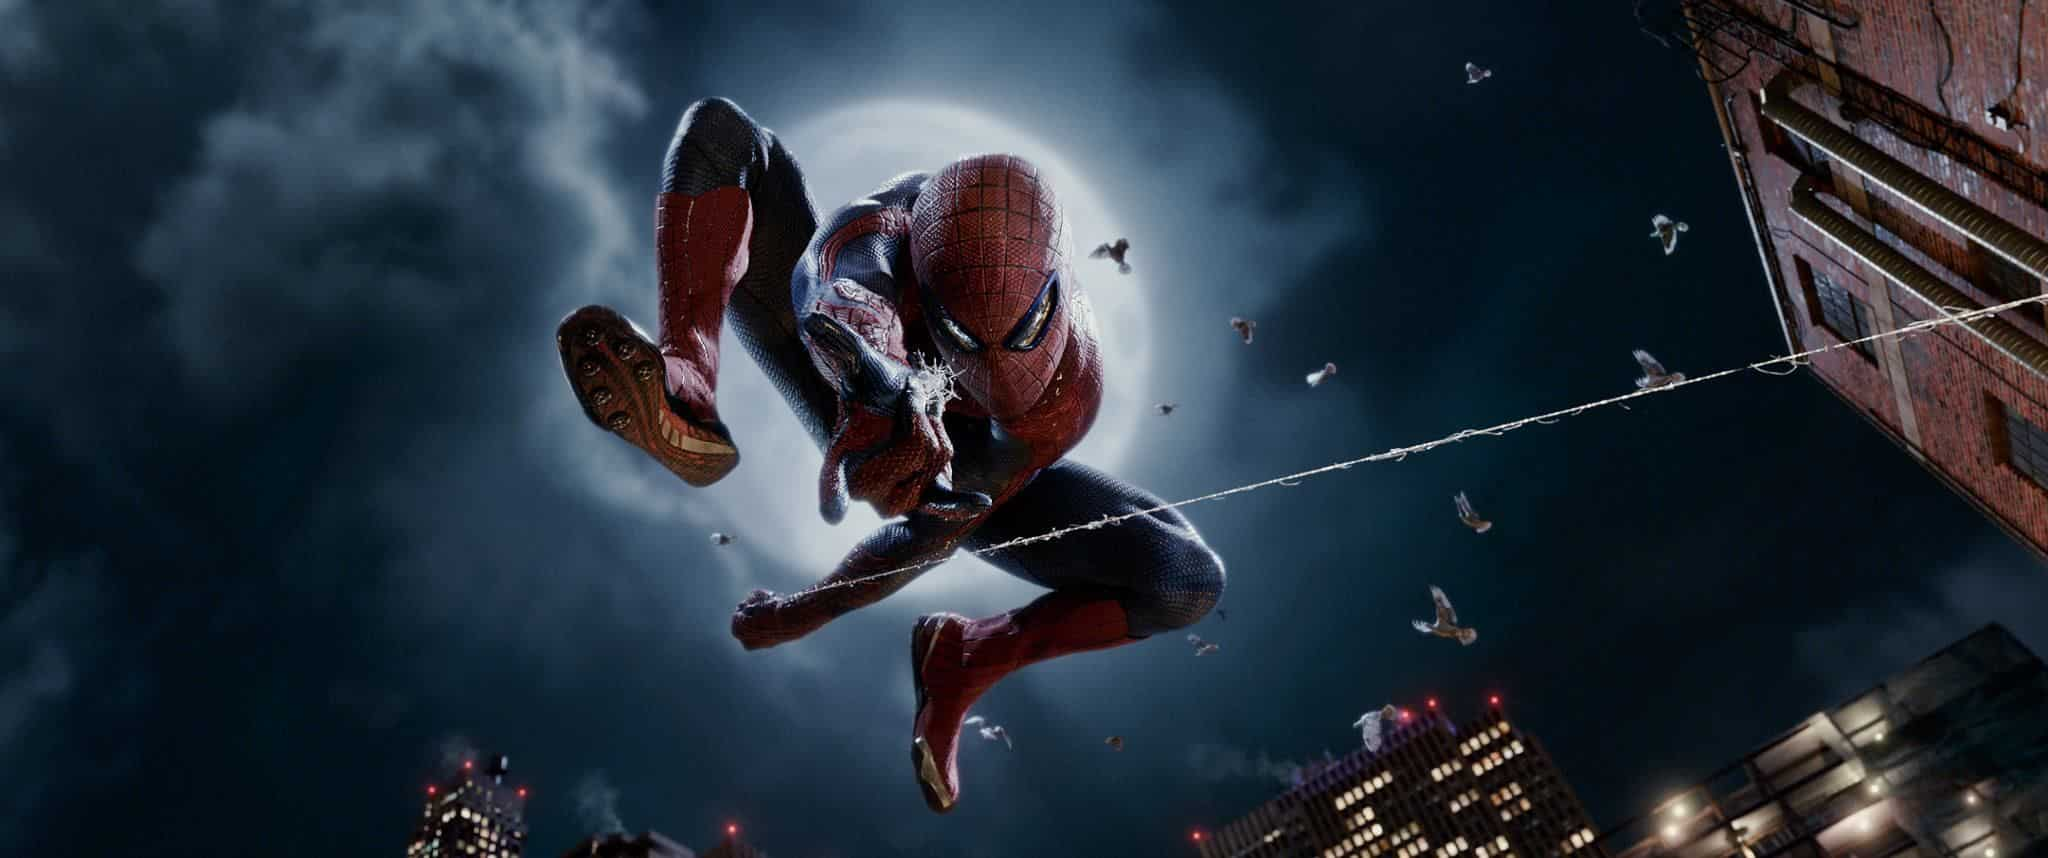 The Amazing Spider-man je nepochybne jeden z najlepších remakeov!